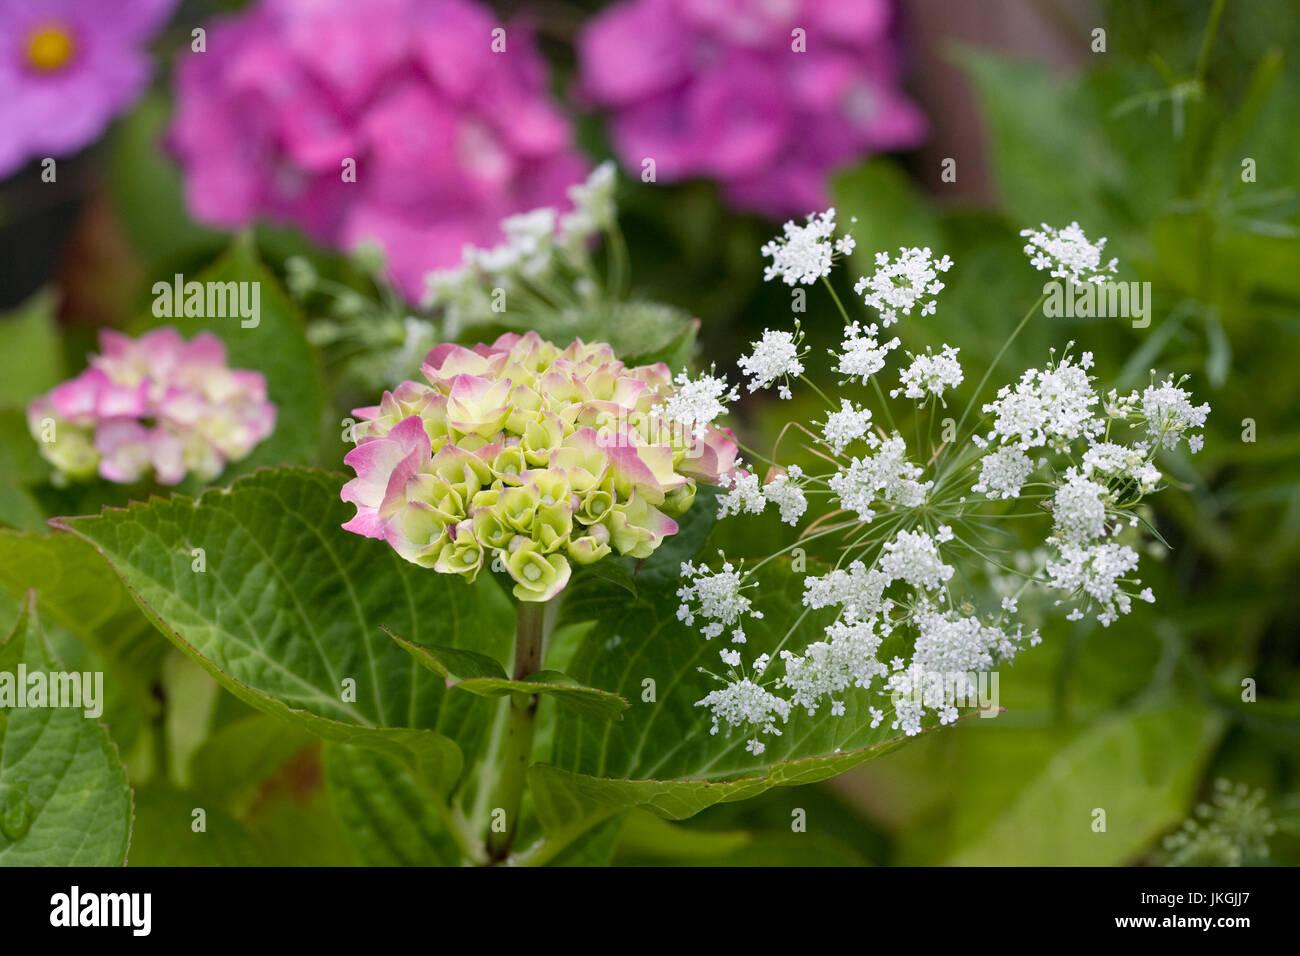 Hydrangea y Ammi Majus flores en el jardín. Foto de stock